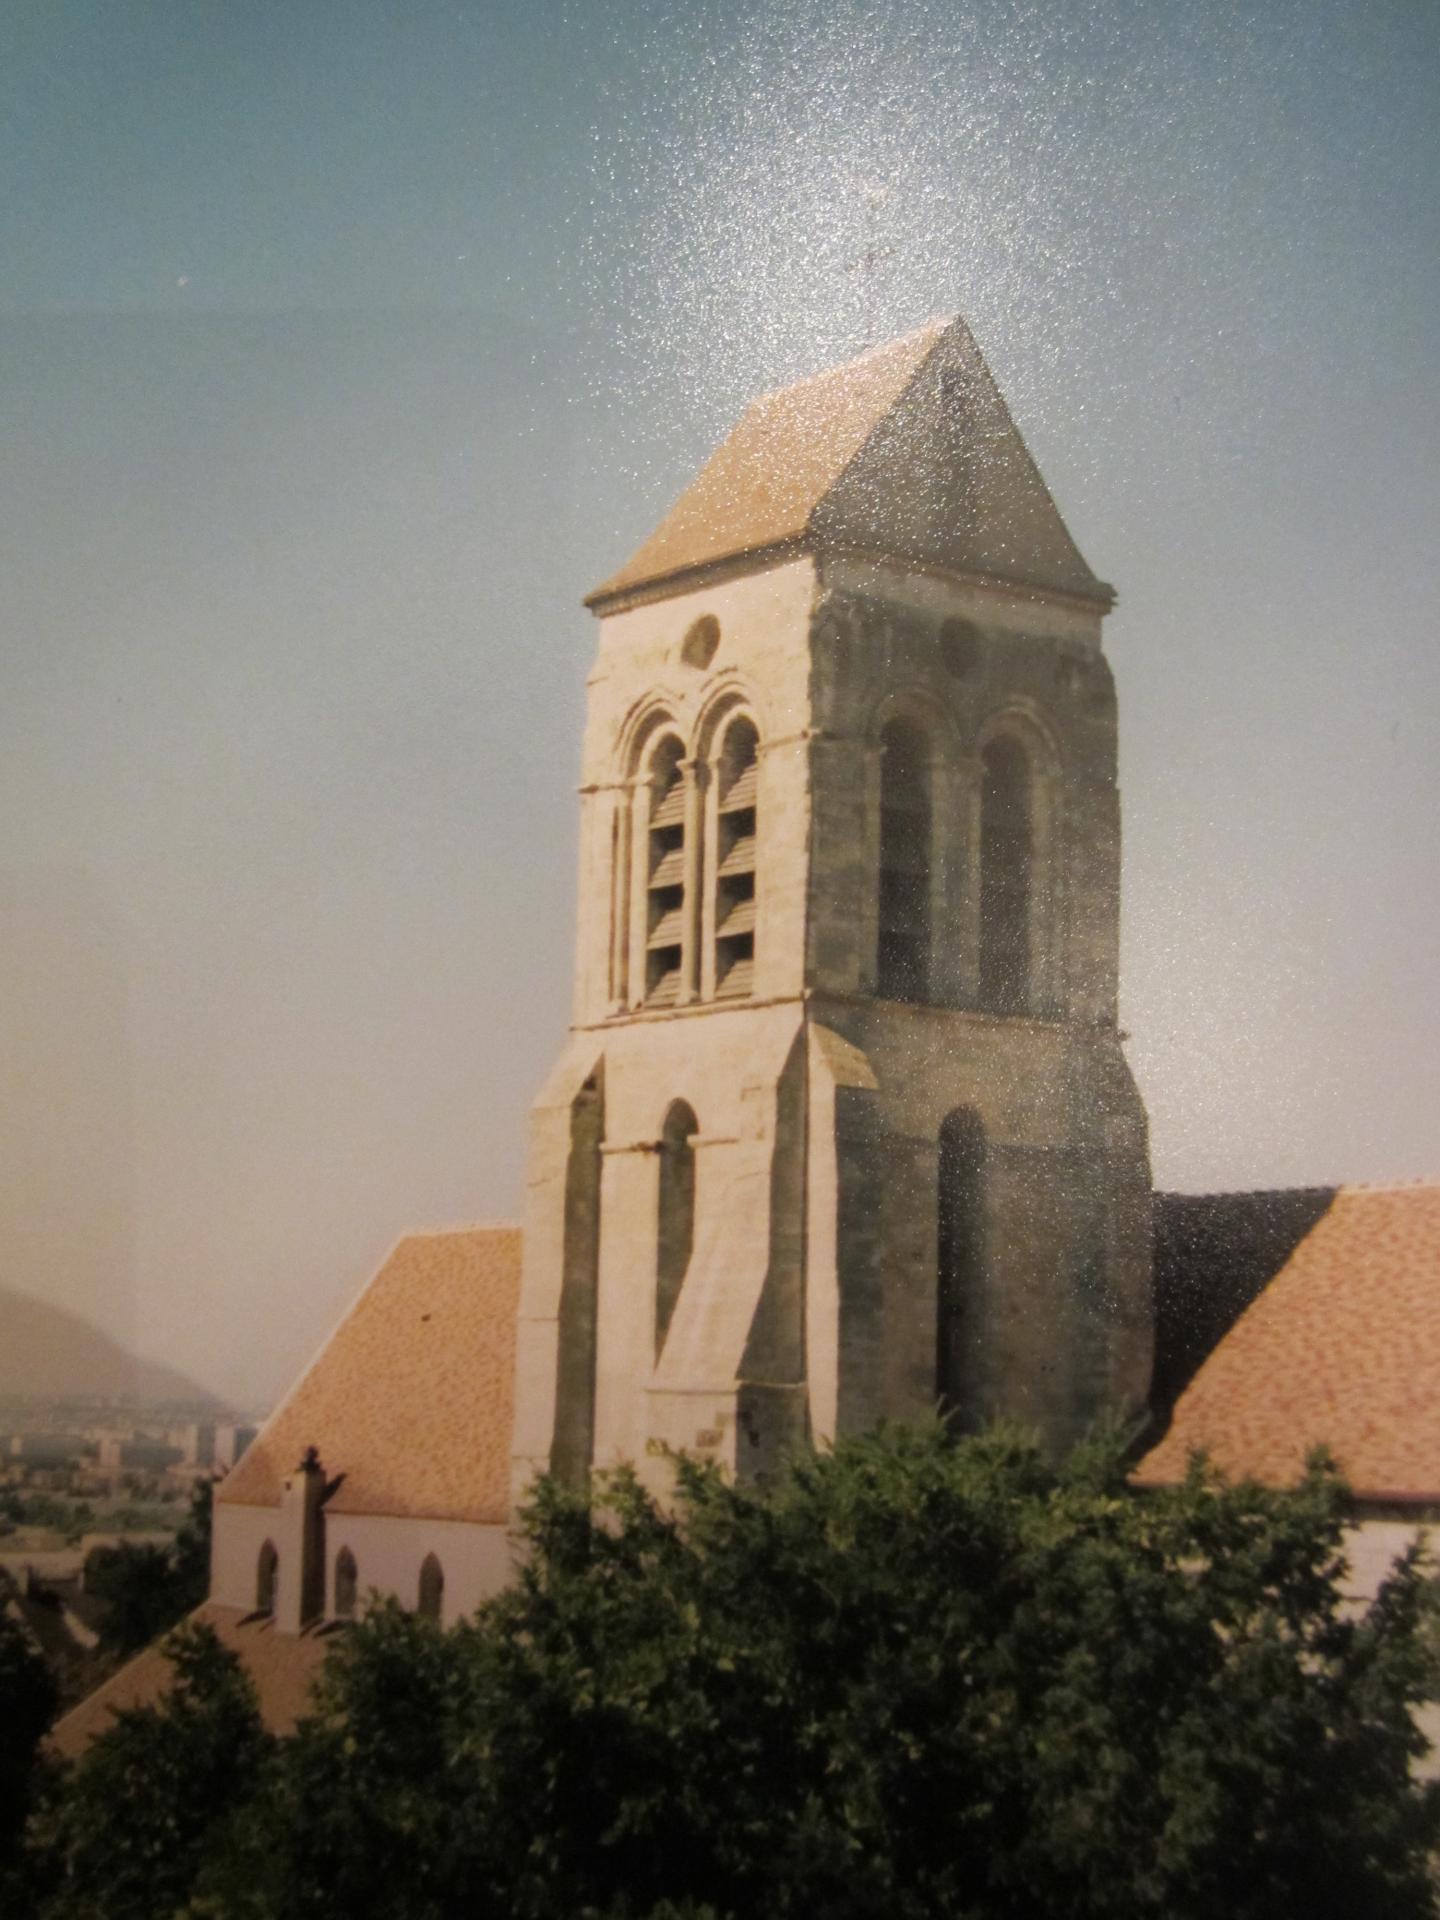 L'église Saint-Martin à Sucy-en-Brie